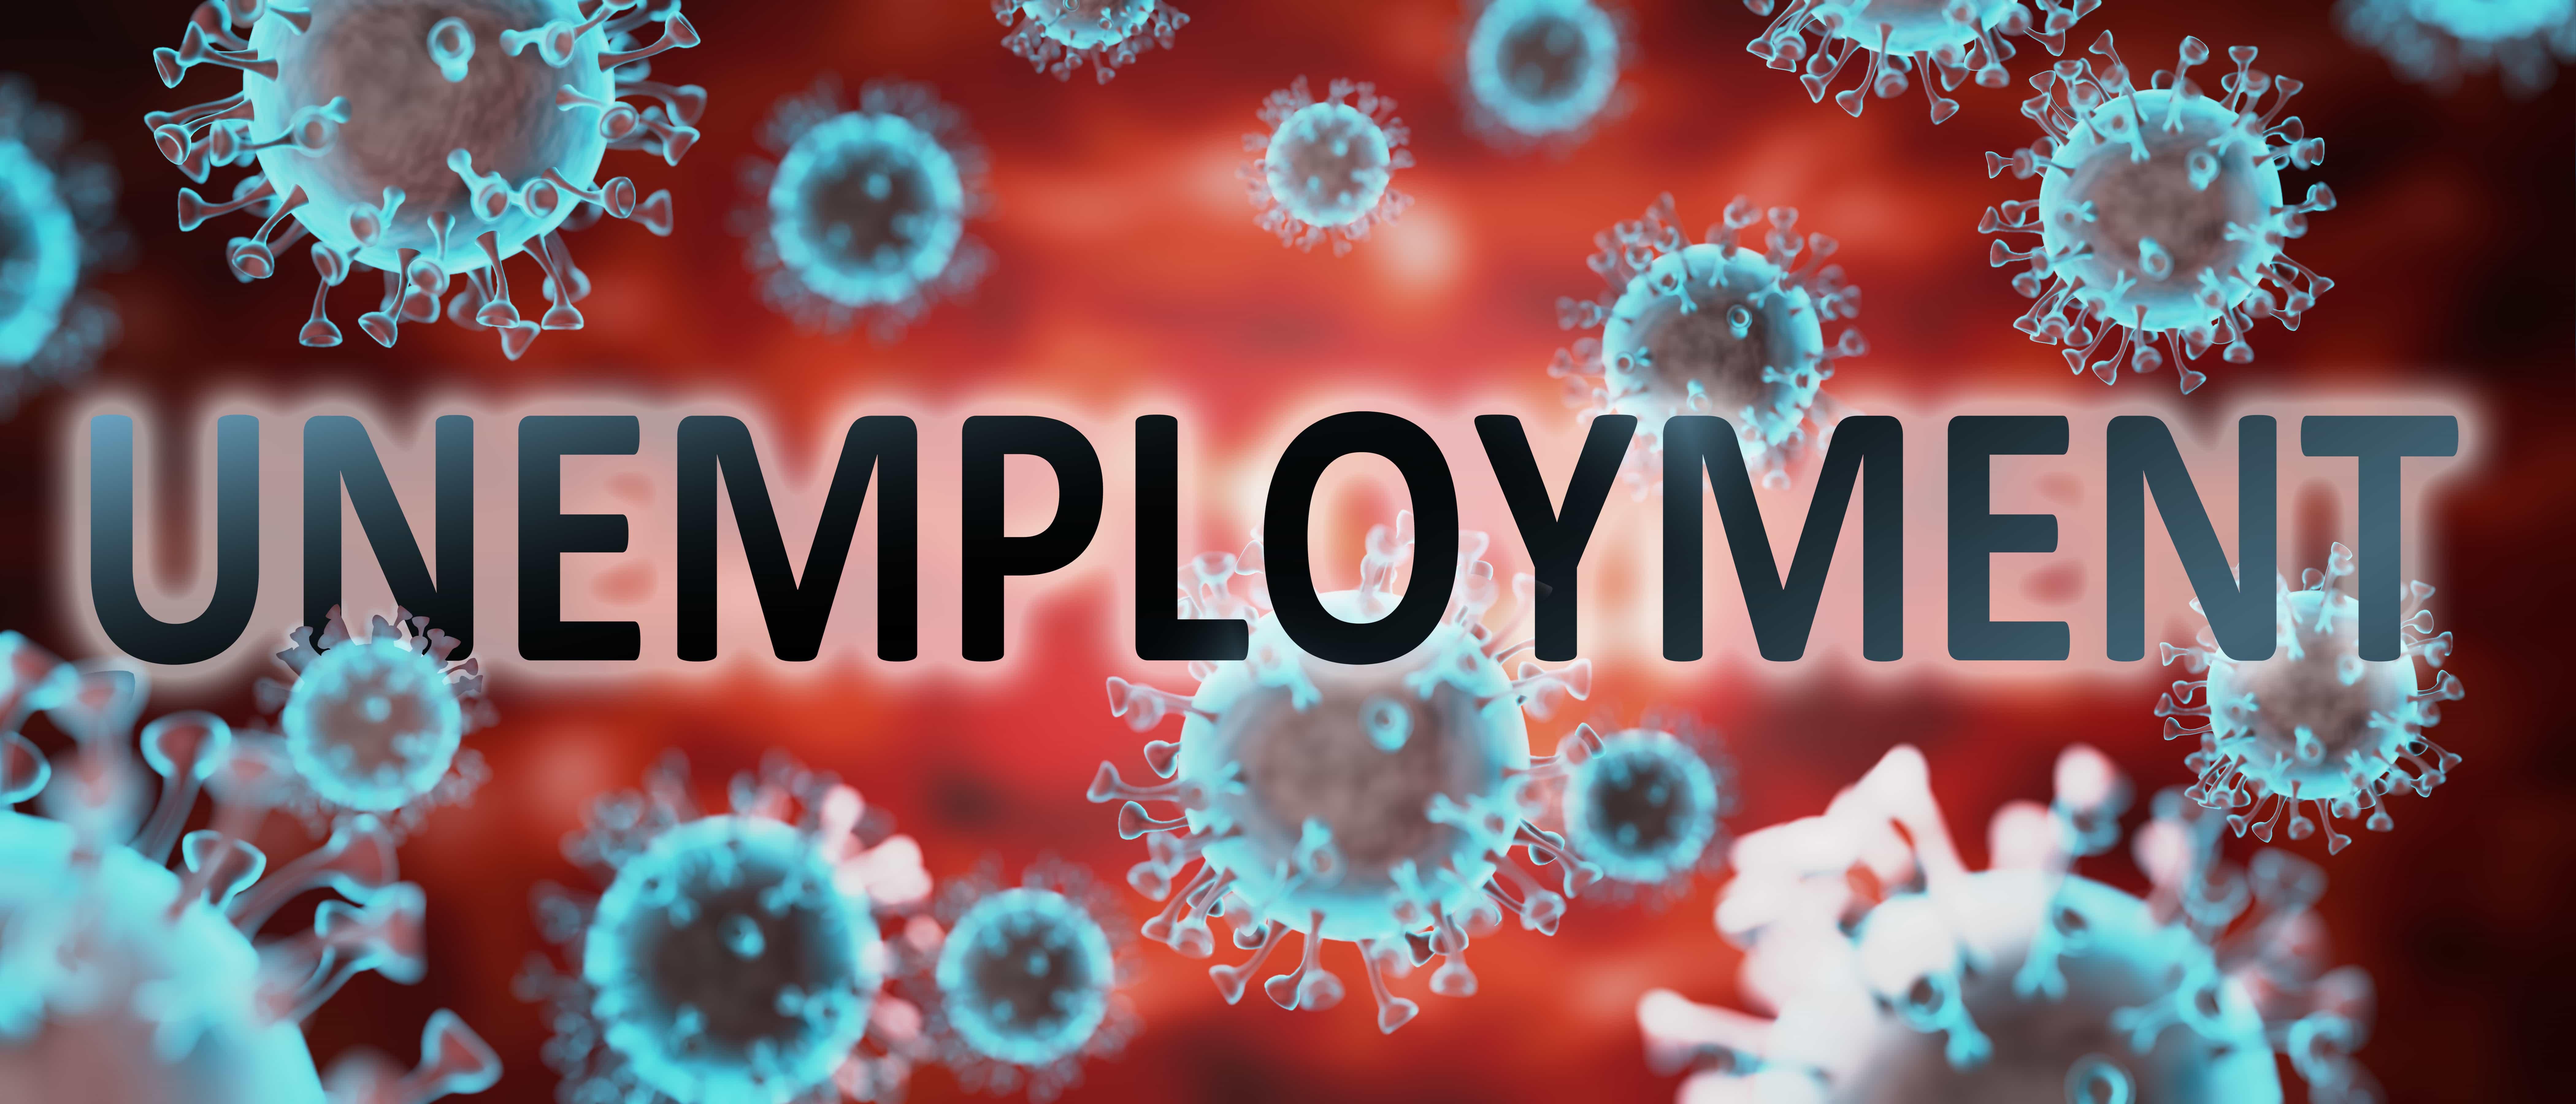 corona-unemployment.jpeg